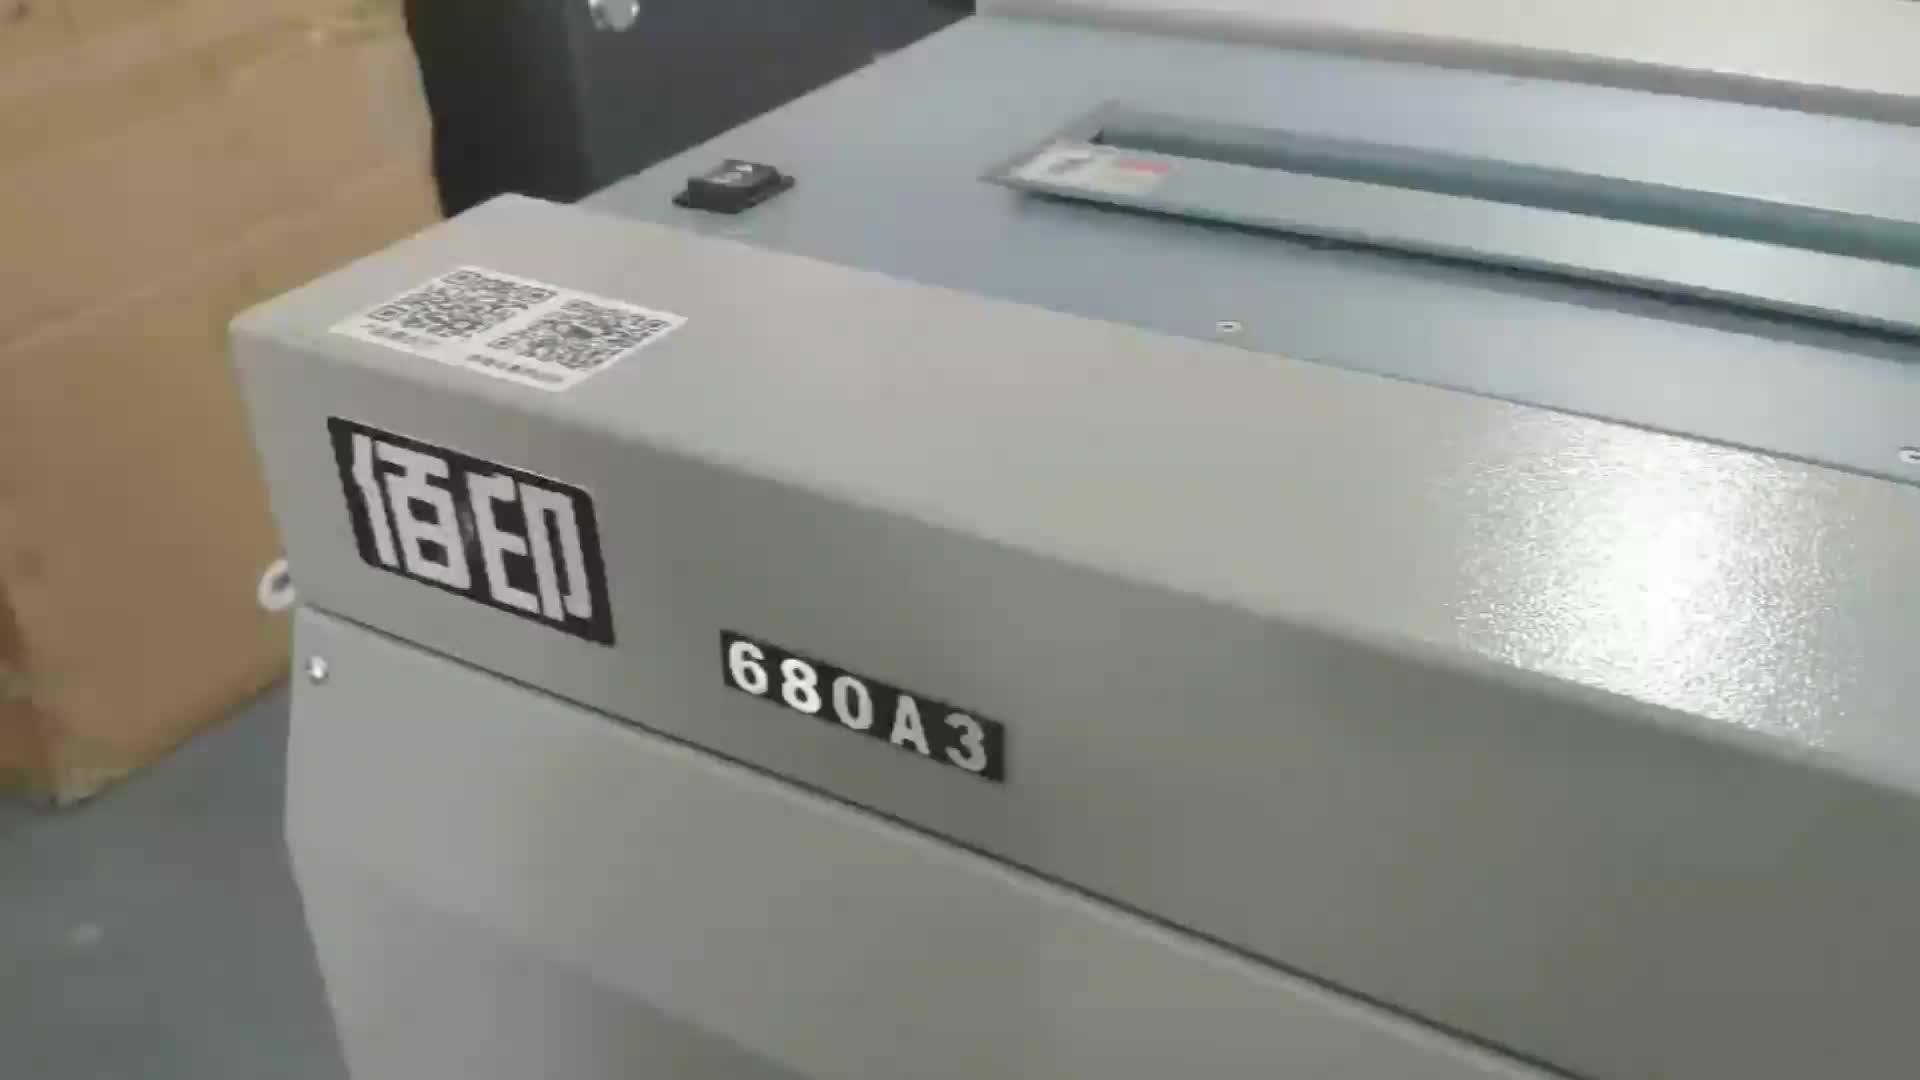 DB-680A3 Sempurna Book Binding Machine dengan Sisi Mesin Jilid Lem Harga